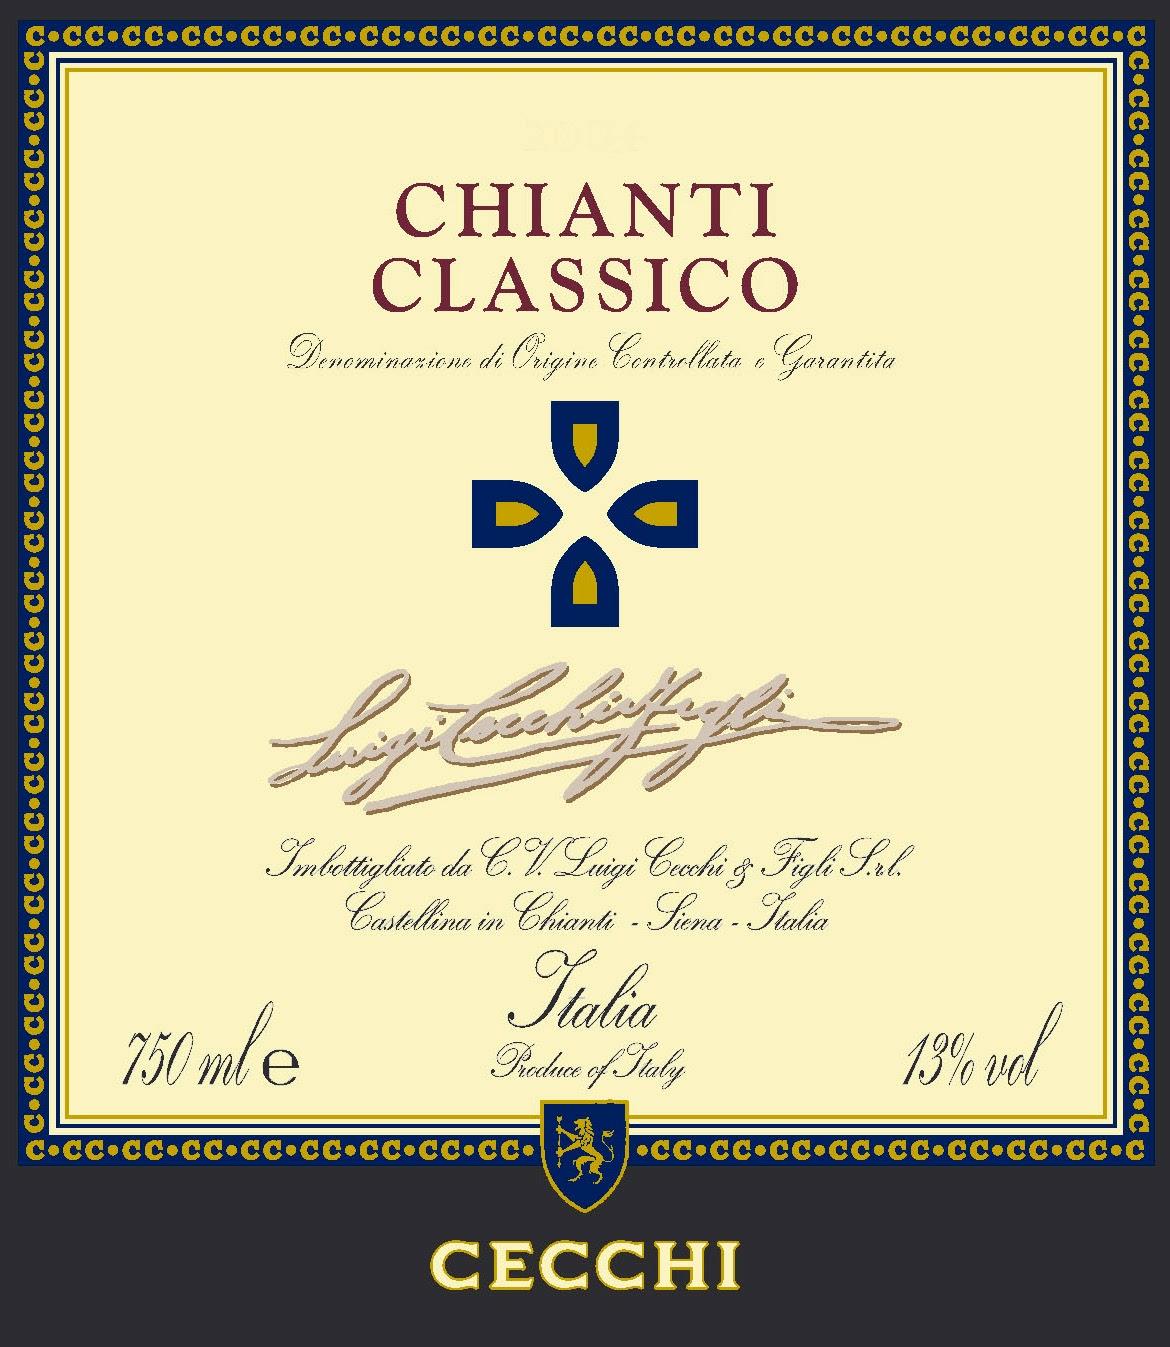 Cecchi Chianti Classico DOCG, Tuscany, Italy